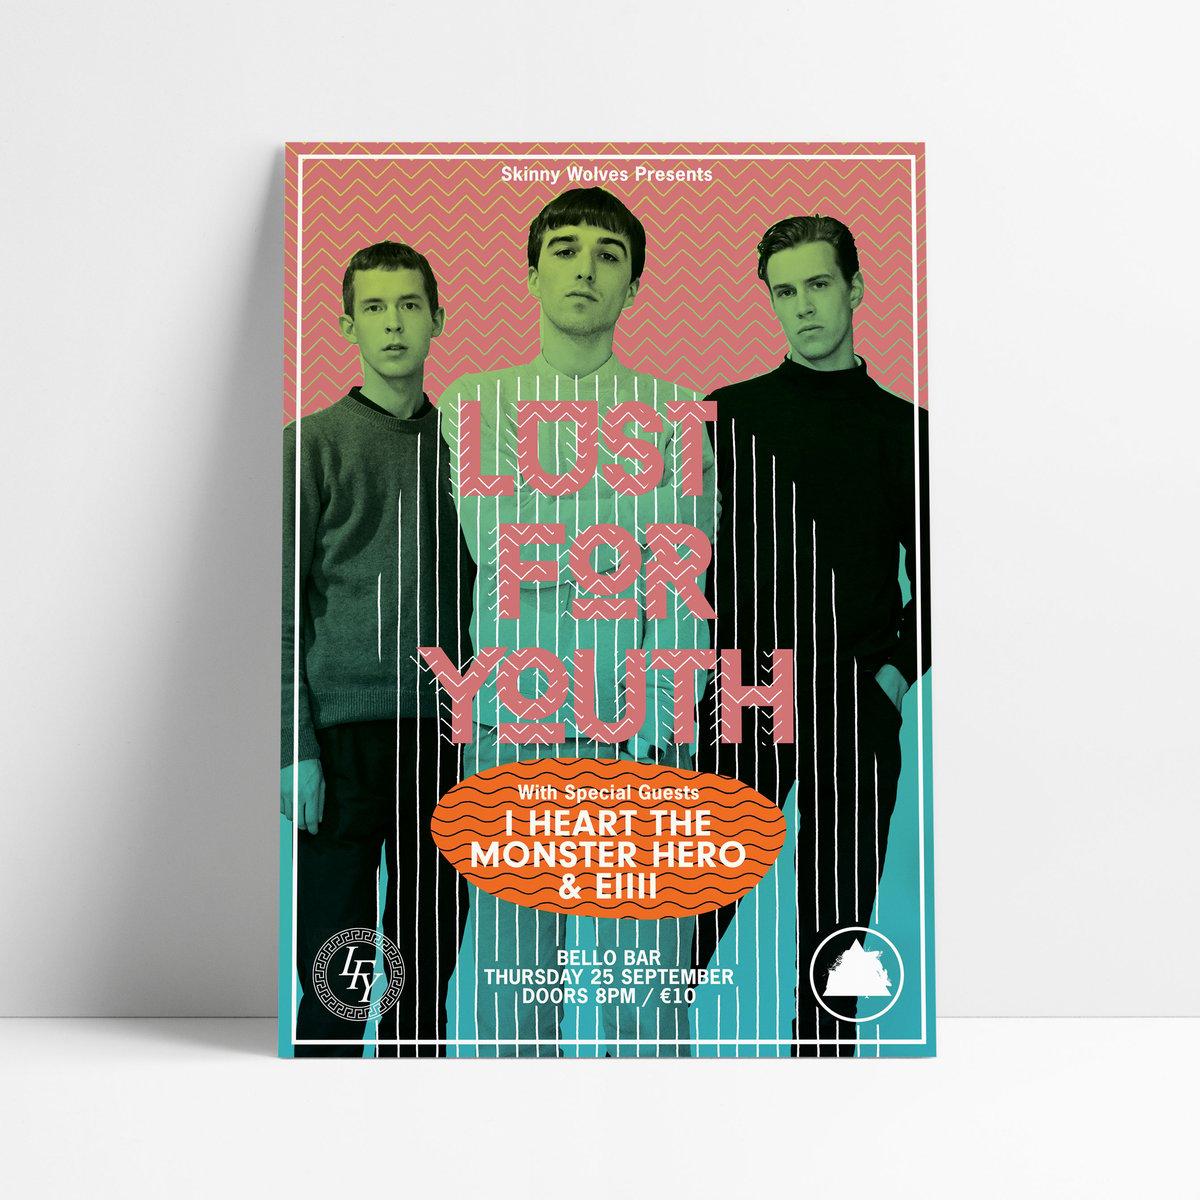 Image of LUST FOR YOUTH / I <3 The Monster Hero / EIII - Live in Bello Bar, Dublin